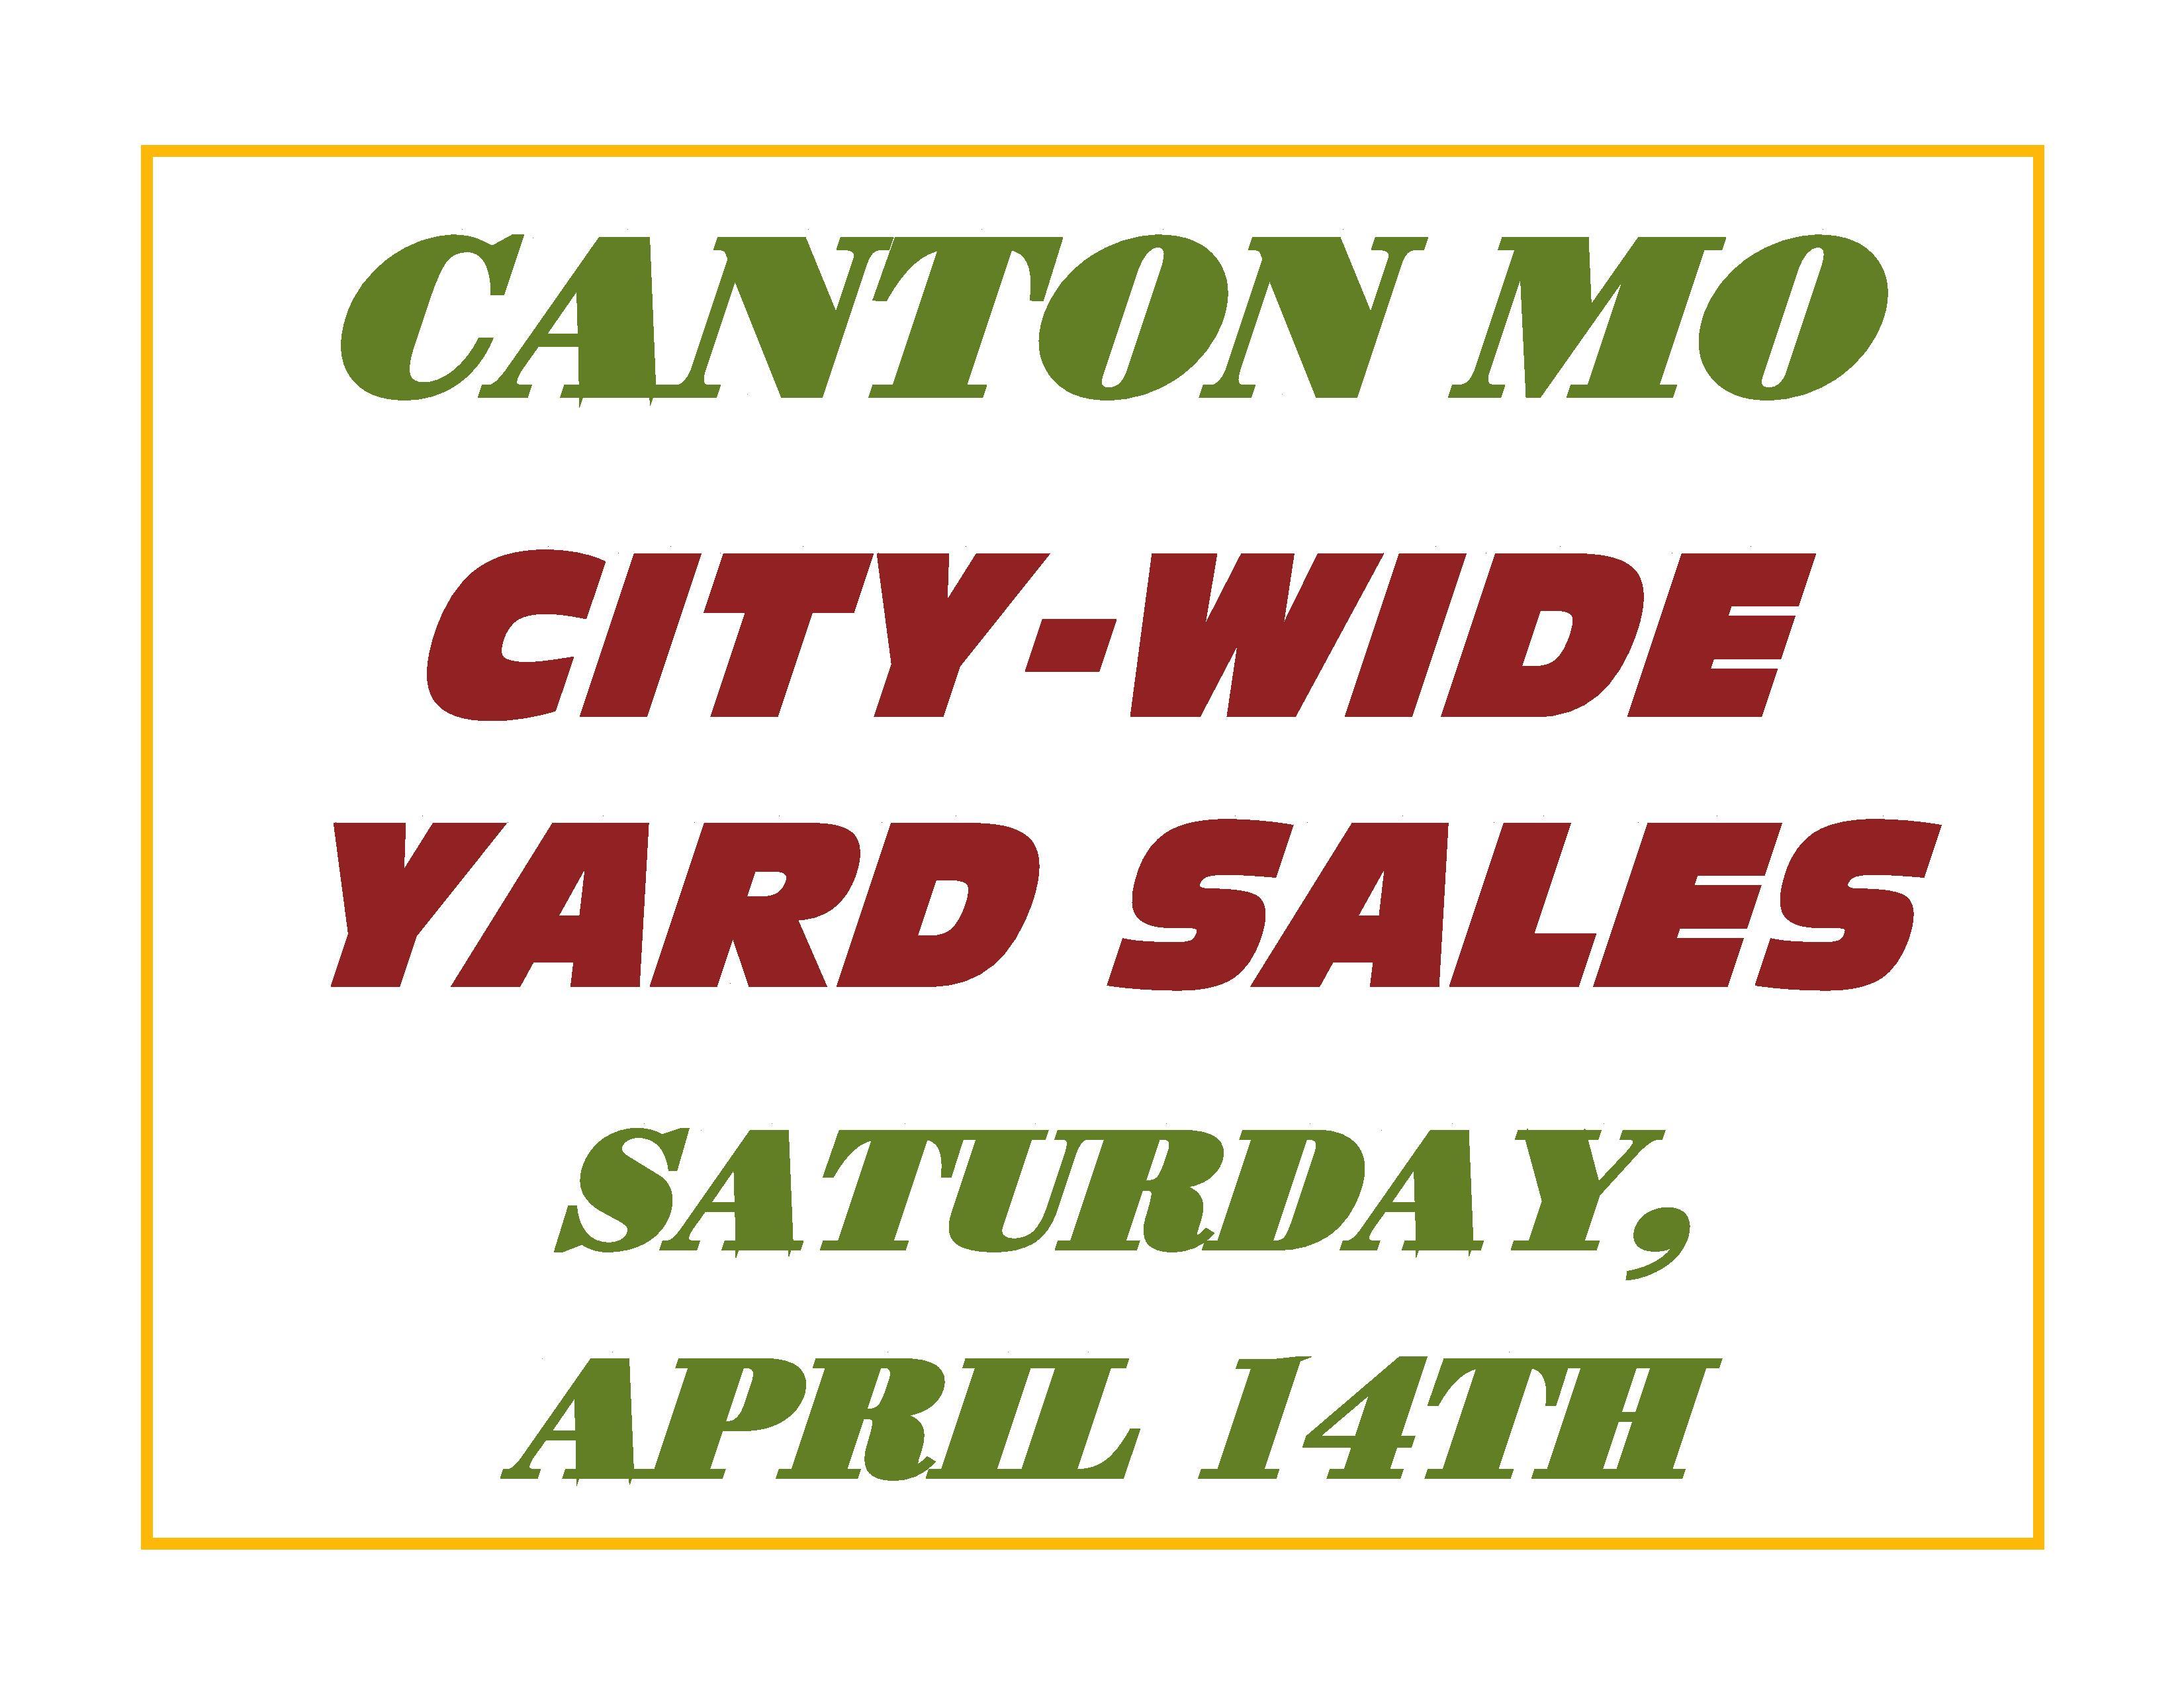 Canton City Wide Yard Sales @ Canton MO